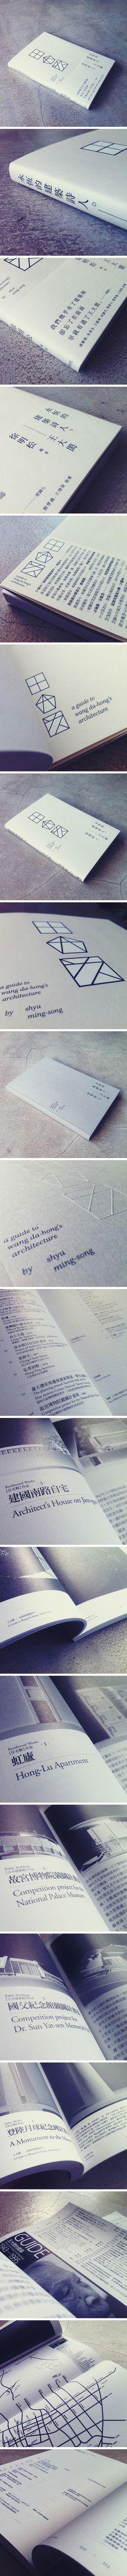 A Guide to Wang Da-Hong's Architecture –– wangzhihong.com